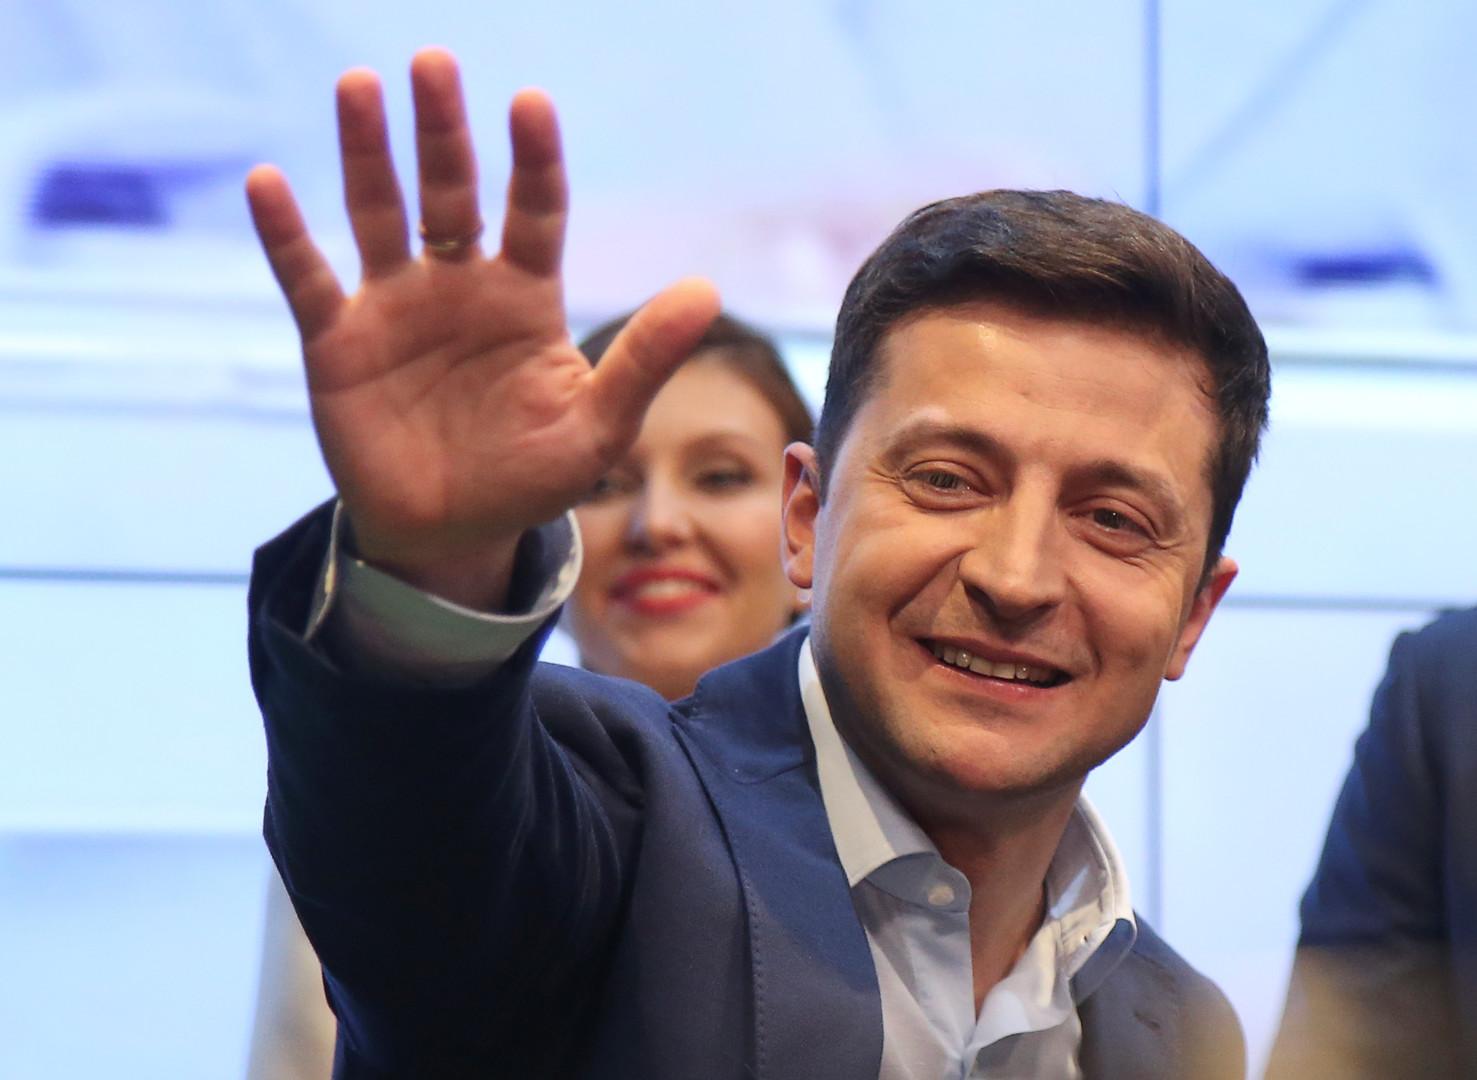 المرشح لرئاسة أوكرانيا، فلاديمير زيلينسكي